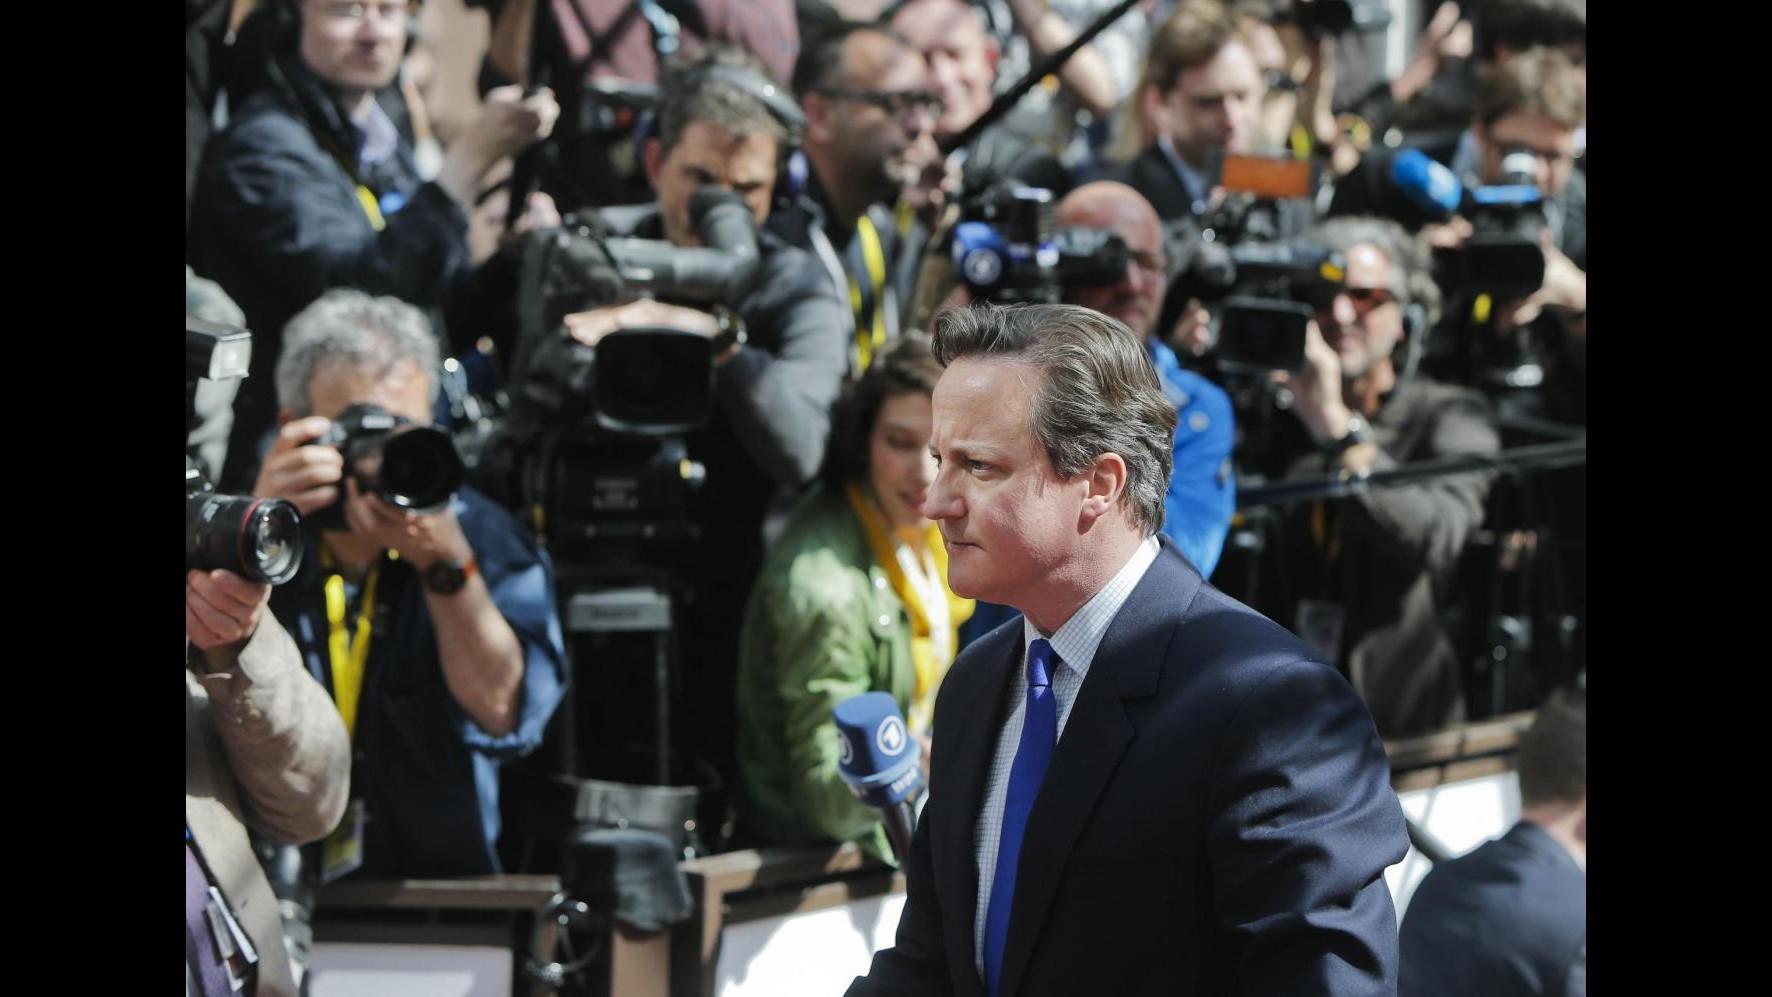 Sbarchi, Cameron: Contribuiremo a soccorsi ma non vogliamo rifugiati